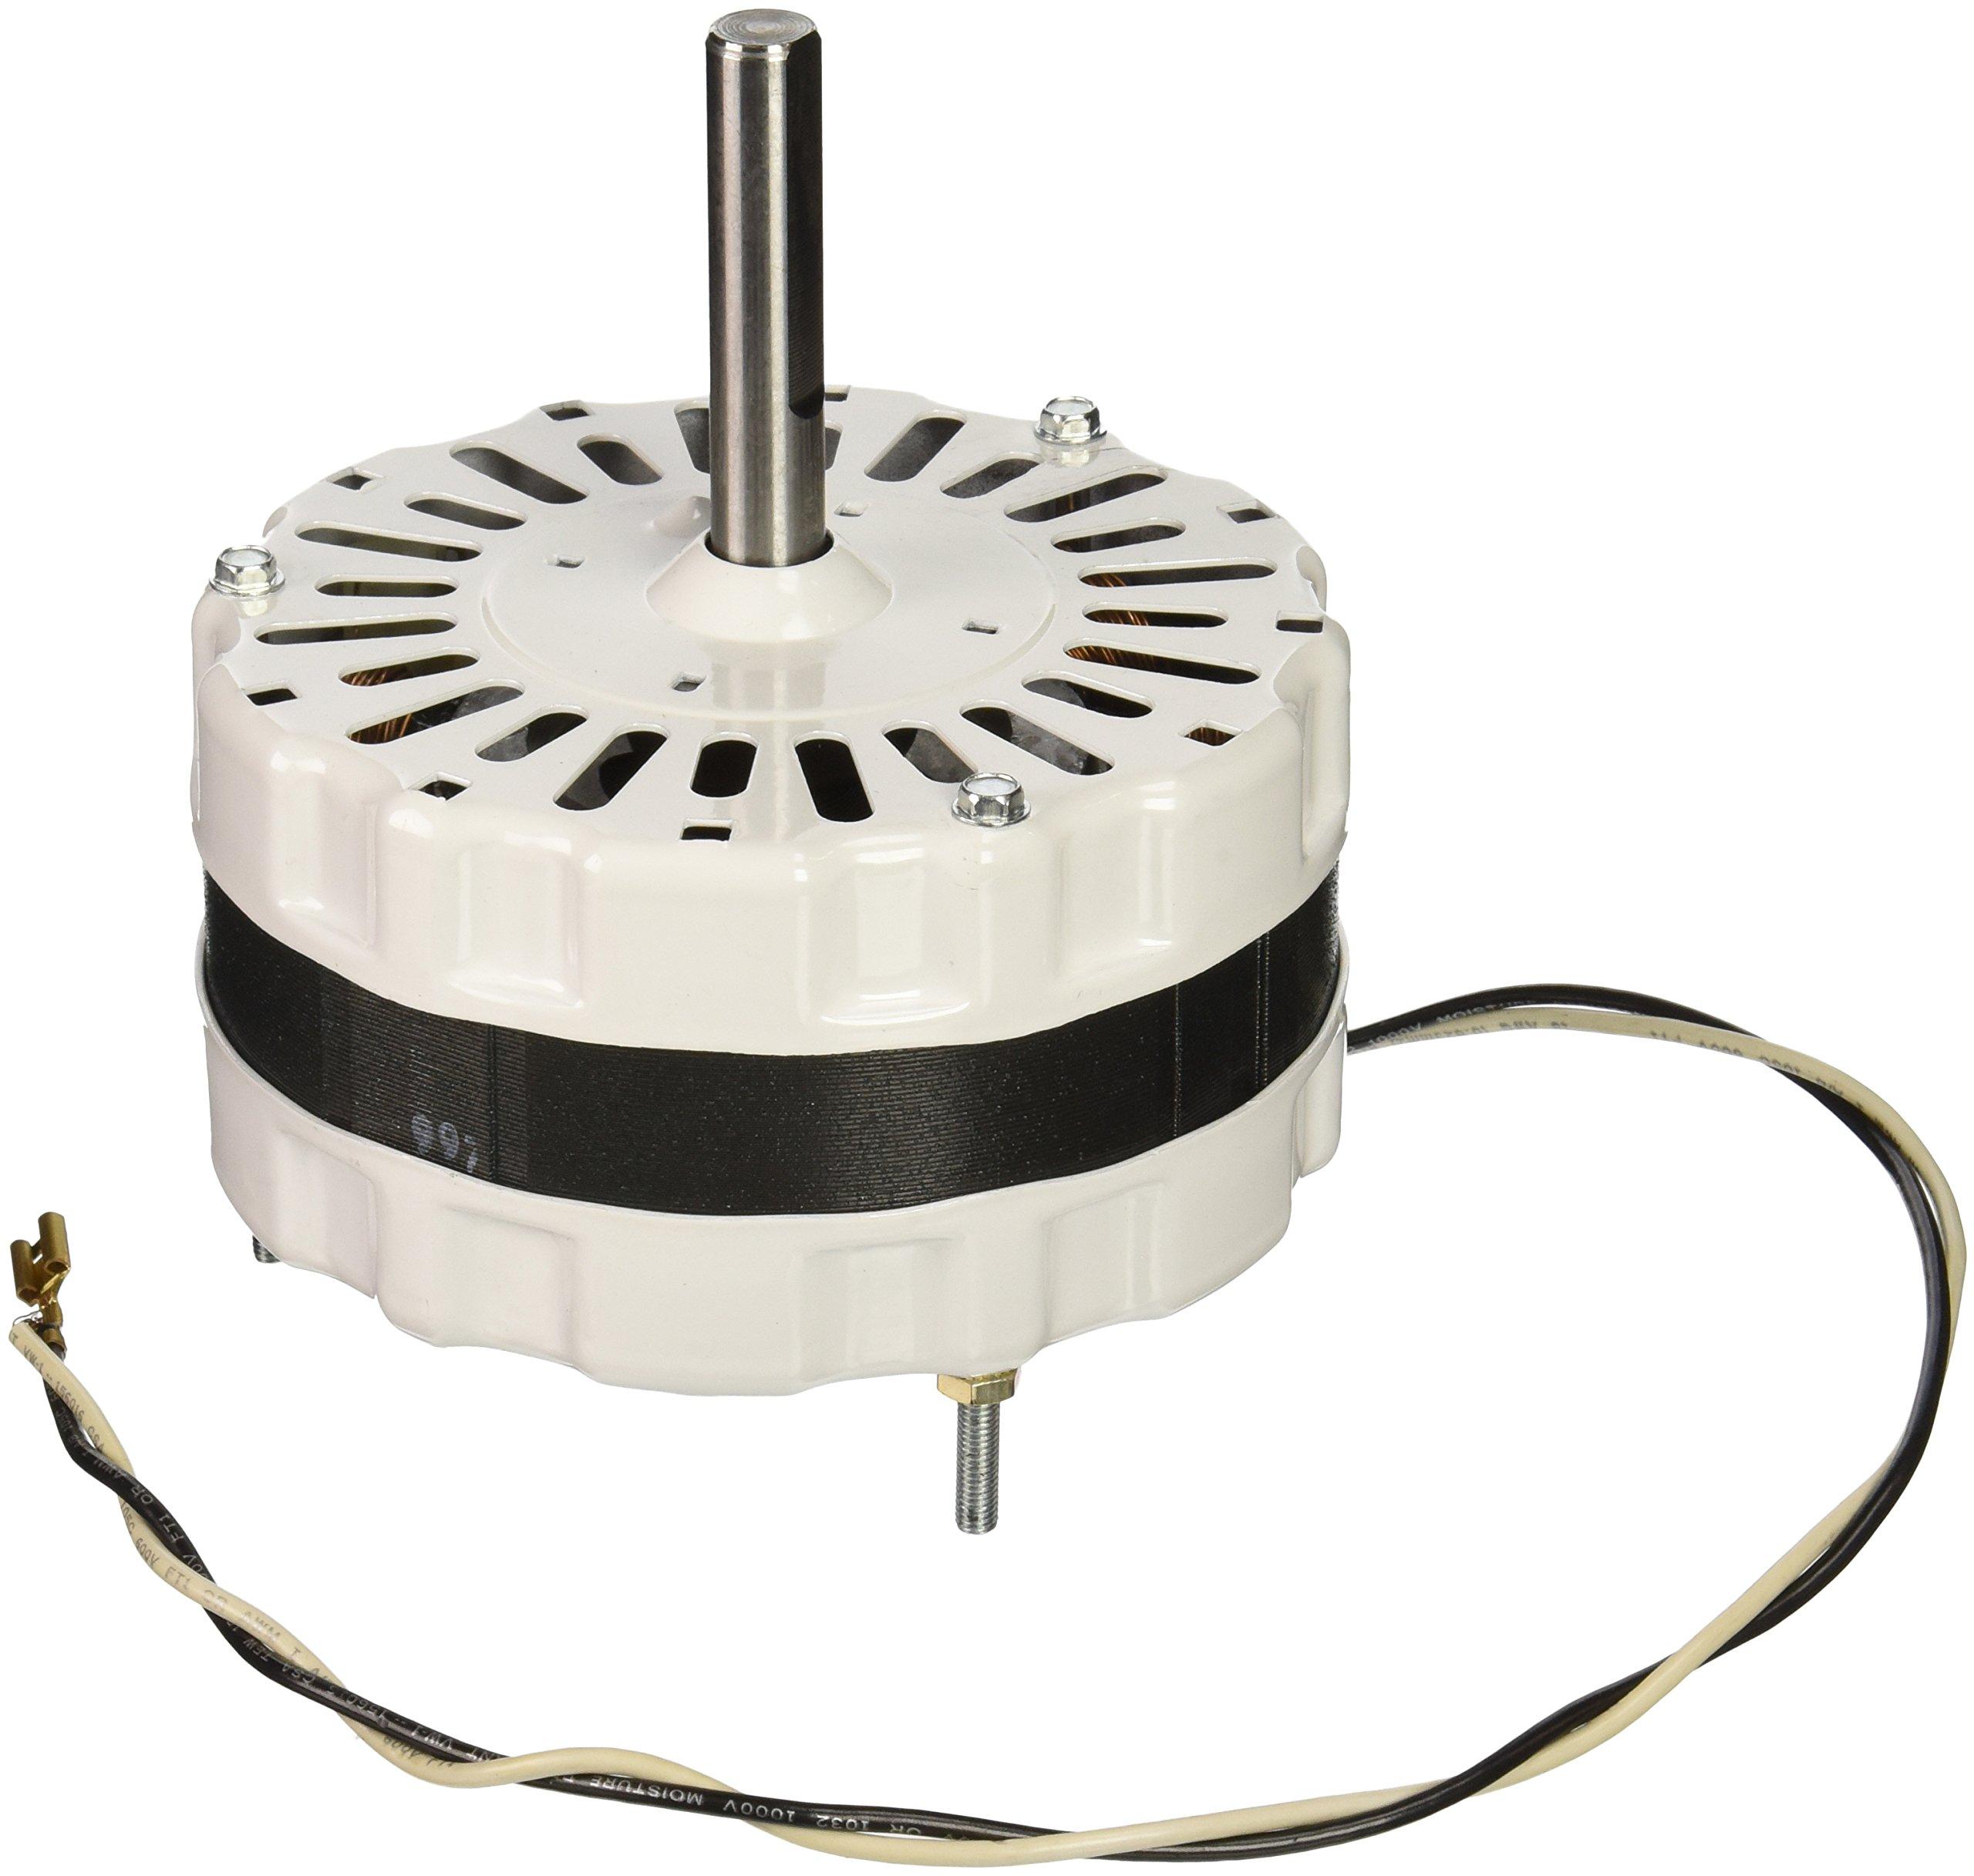 Broan S97009317 Attic Fan Replacement Motor, 120 V by Broan